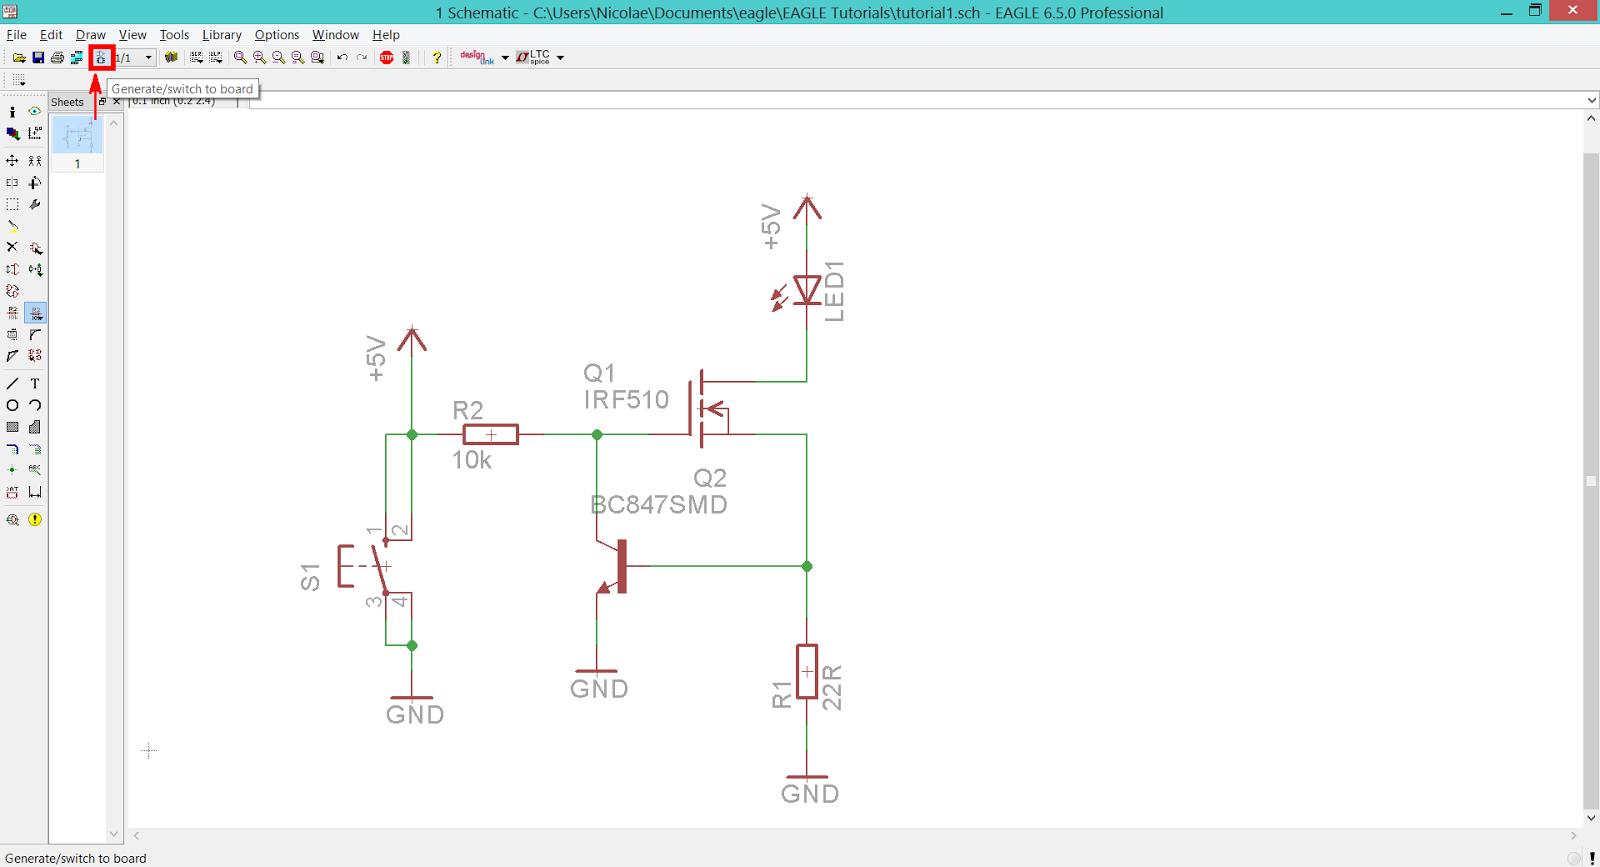 teknoow: EAGLE CAD - Create A New Board